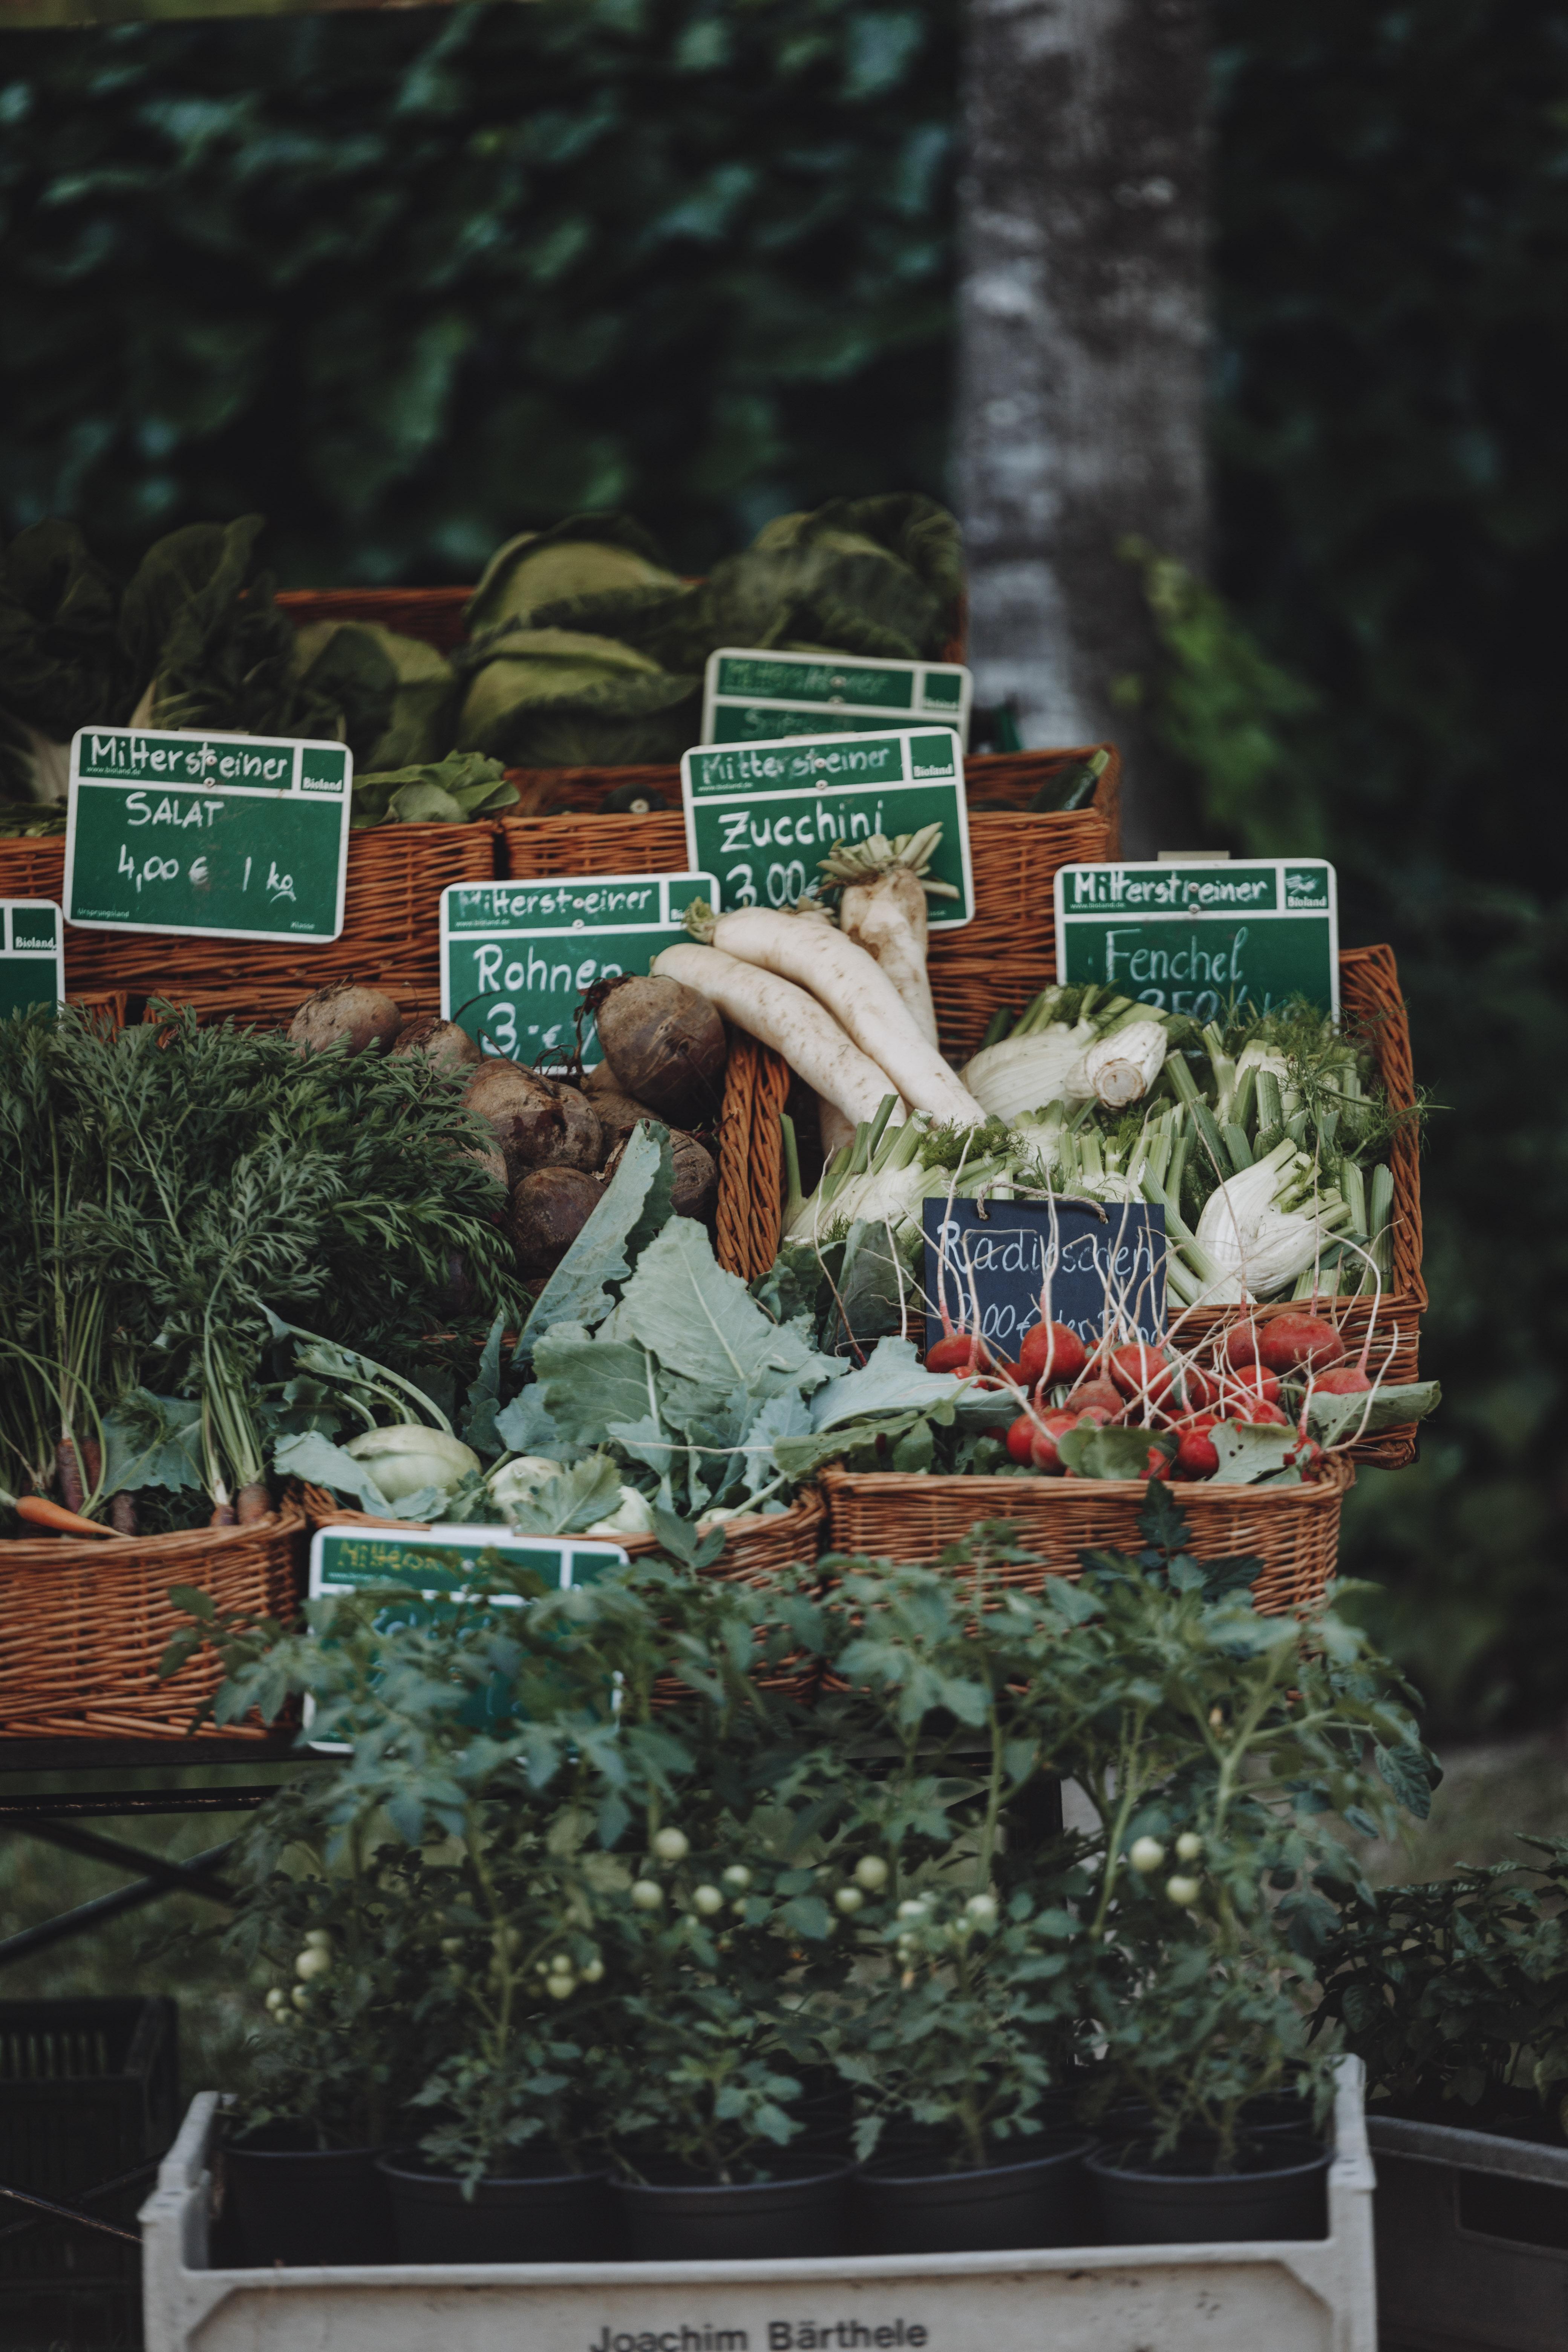 Mercato contadino Lana